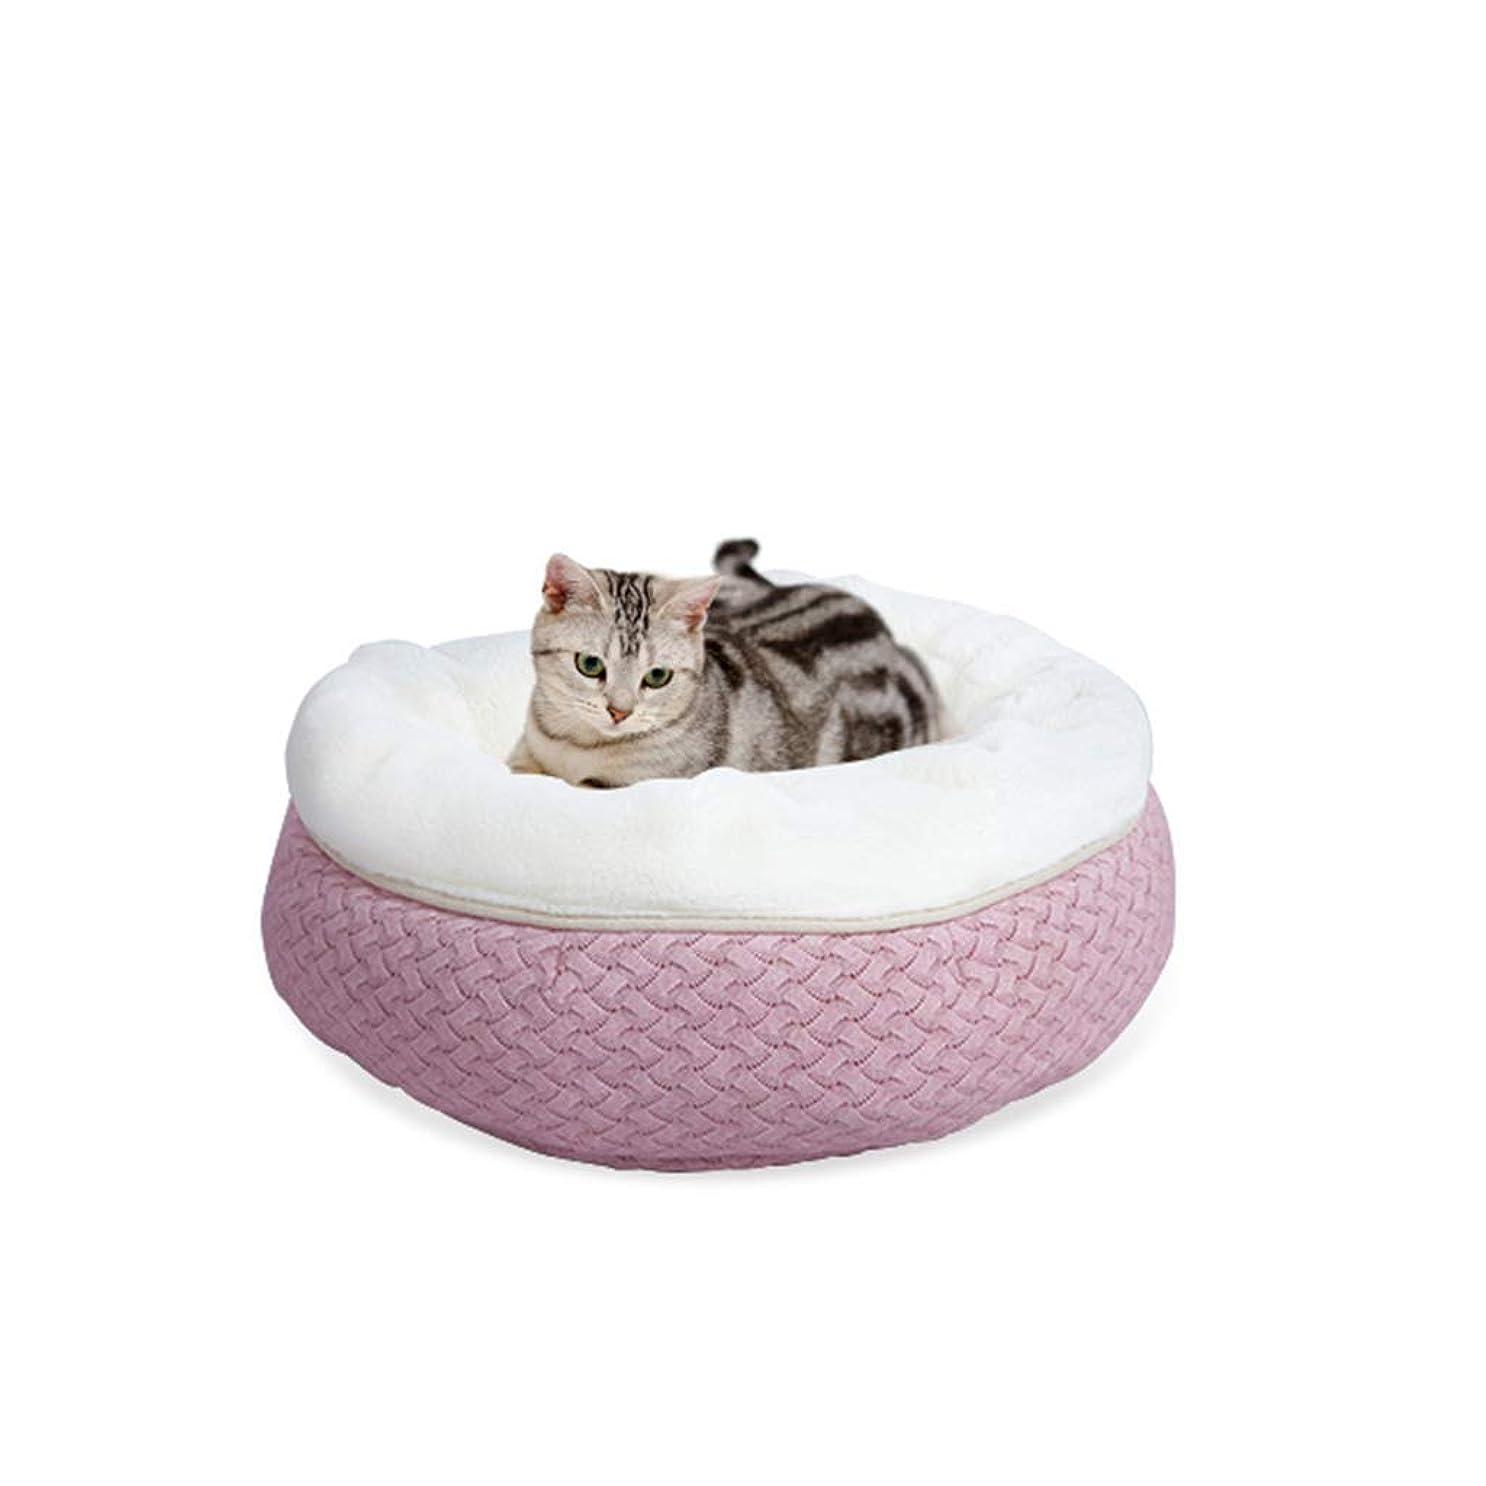 ストローク泥だらけ船上猫マット猫砂温泉四季姫猫寝袋猫の家猫の巣子犬の巣動物の巣猫のベッド暖かい防風(色:ピンク)